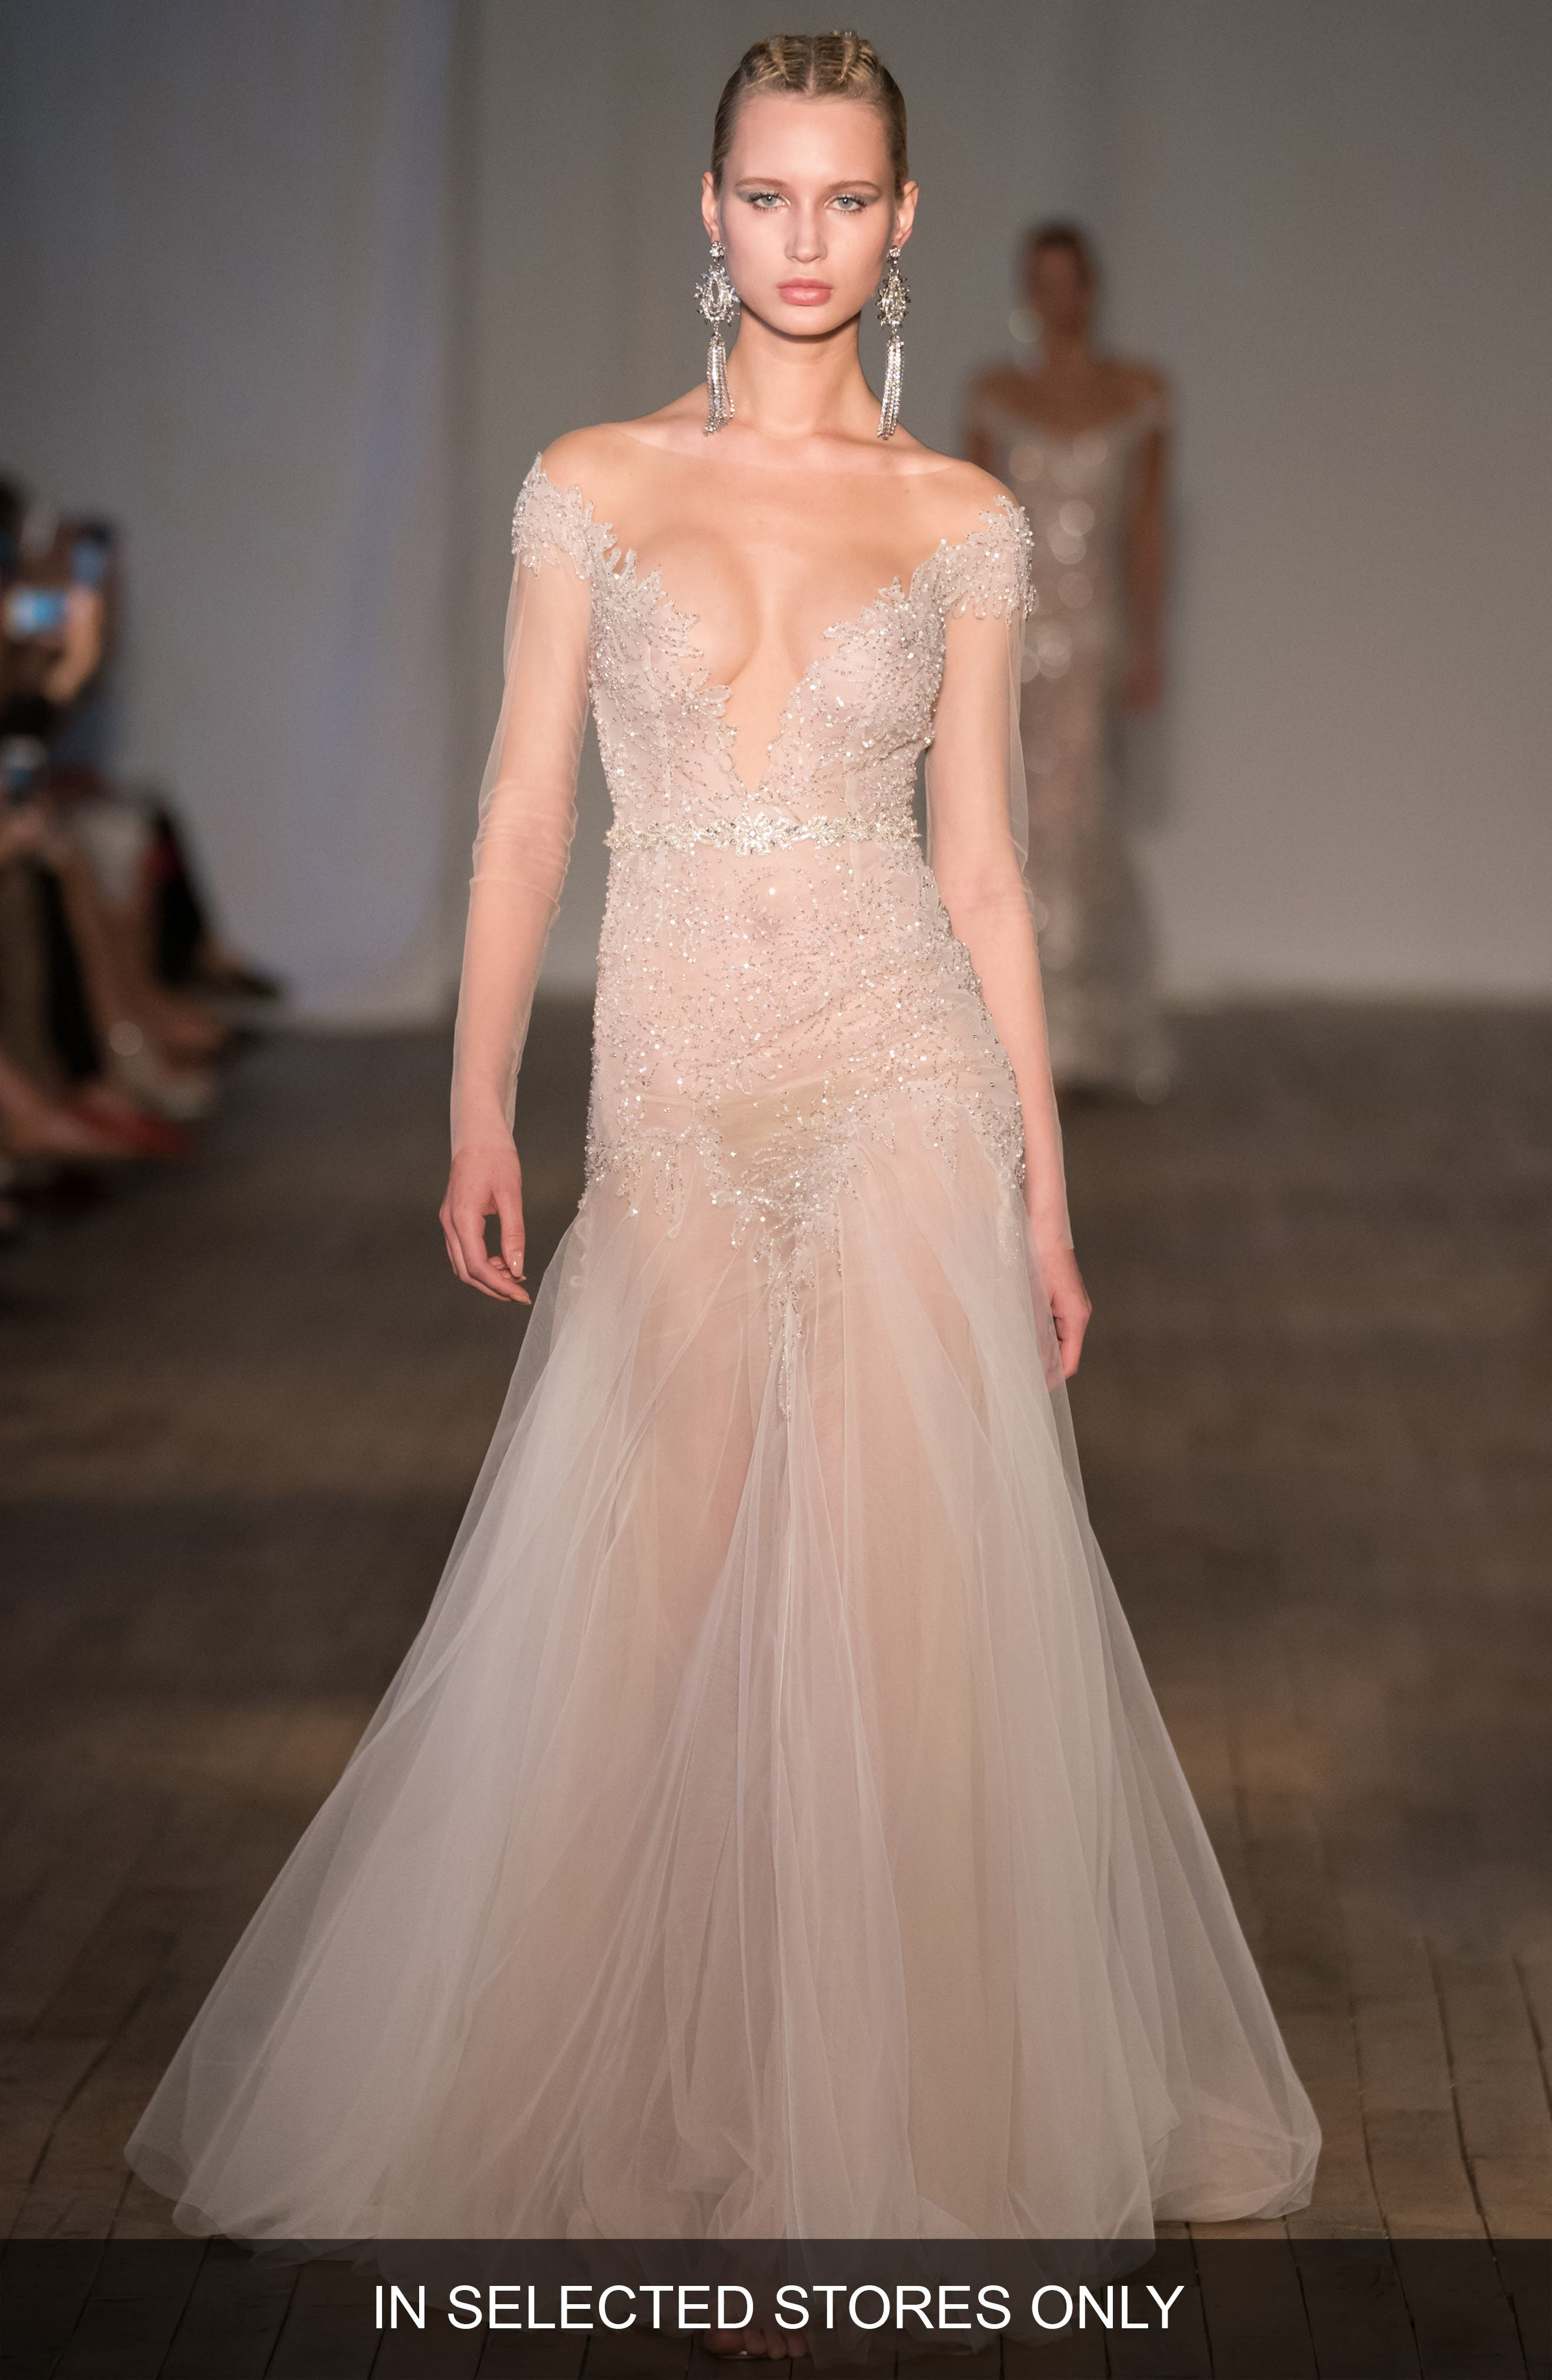 Off The Shoulder Wedding Dresses & Bridal Gowns | Nordstrom